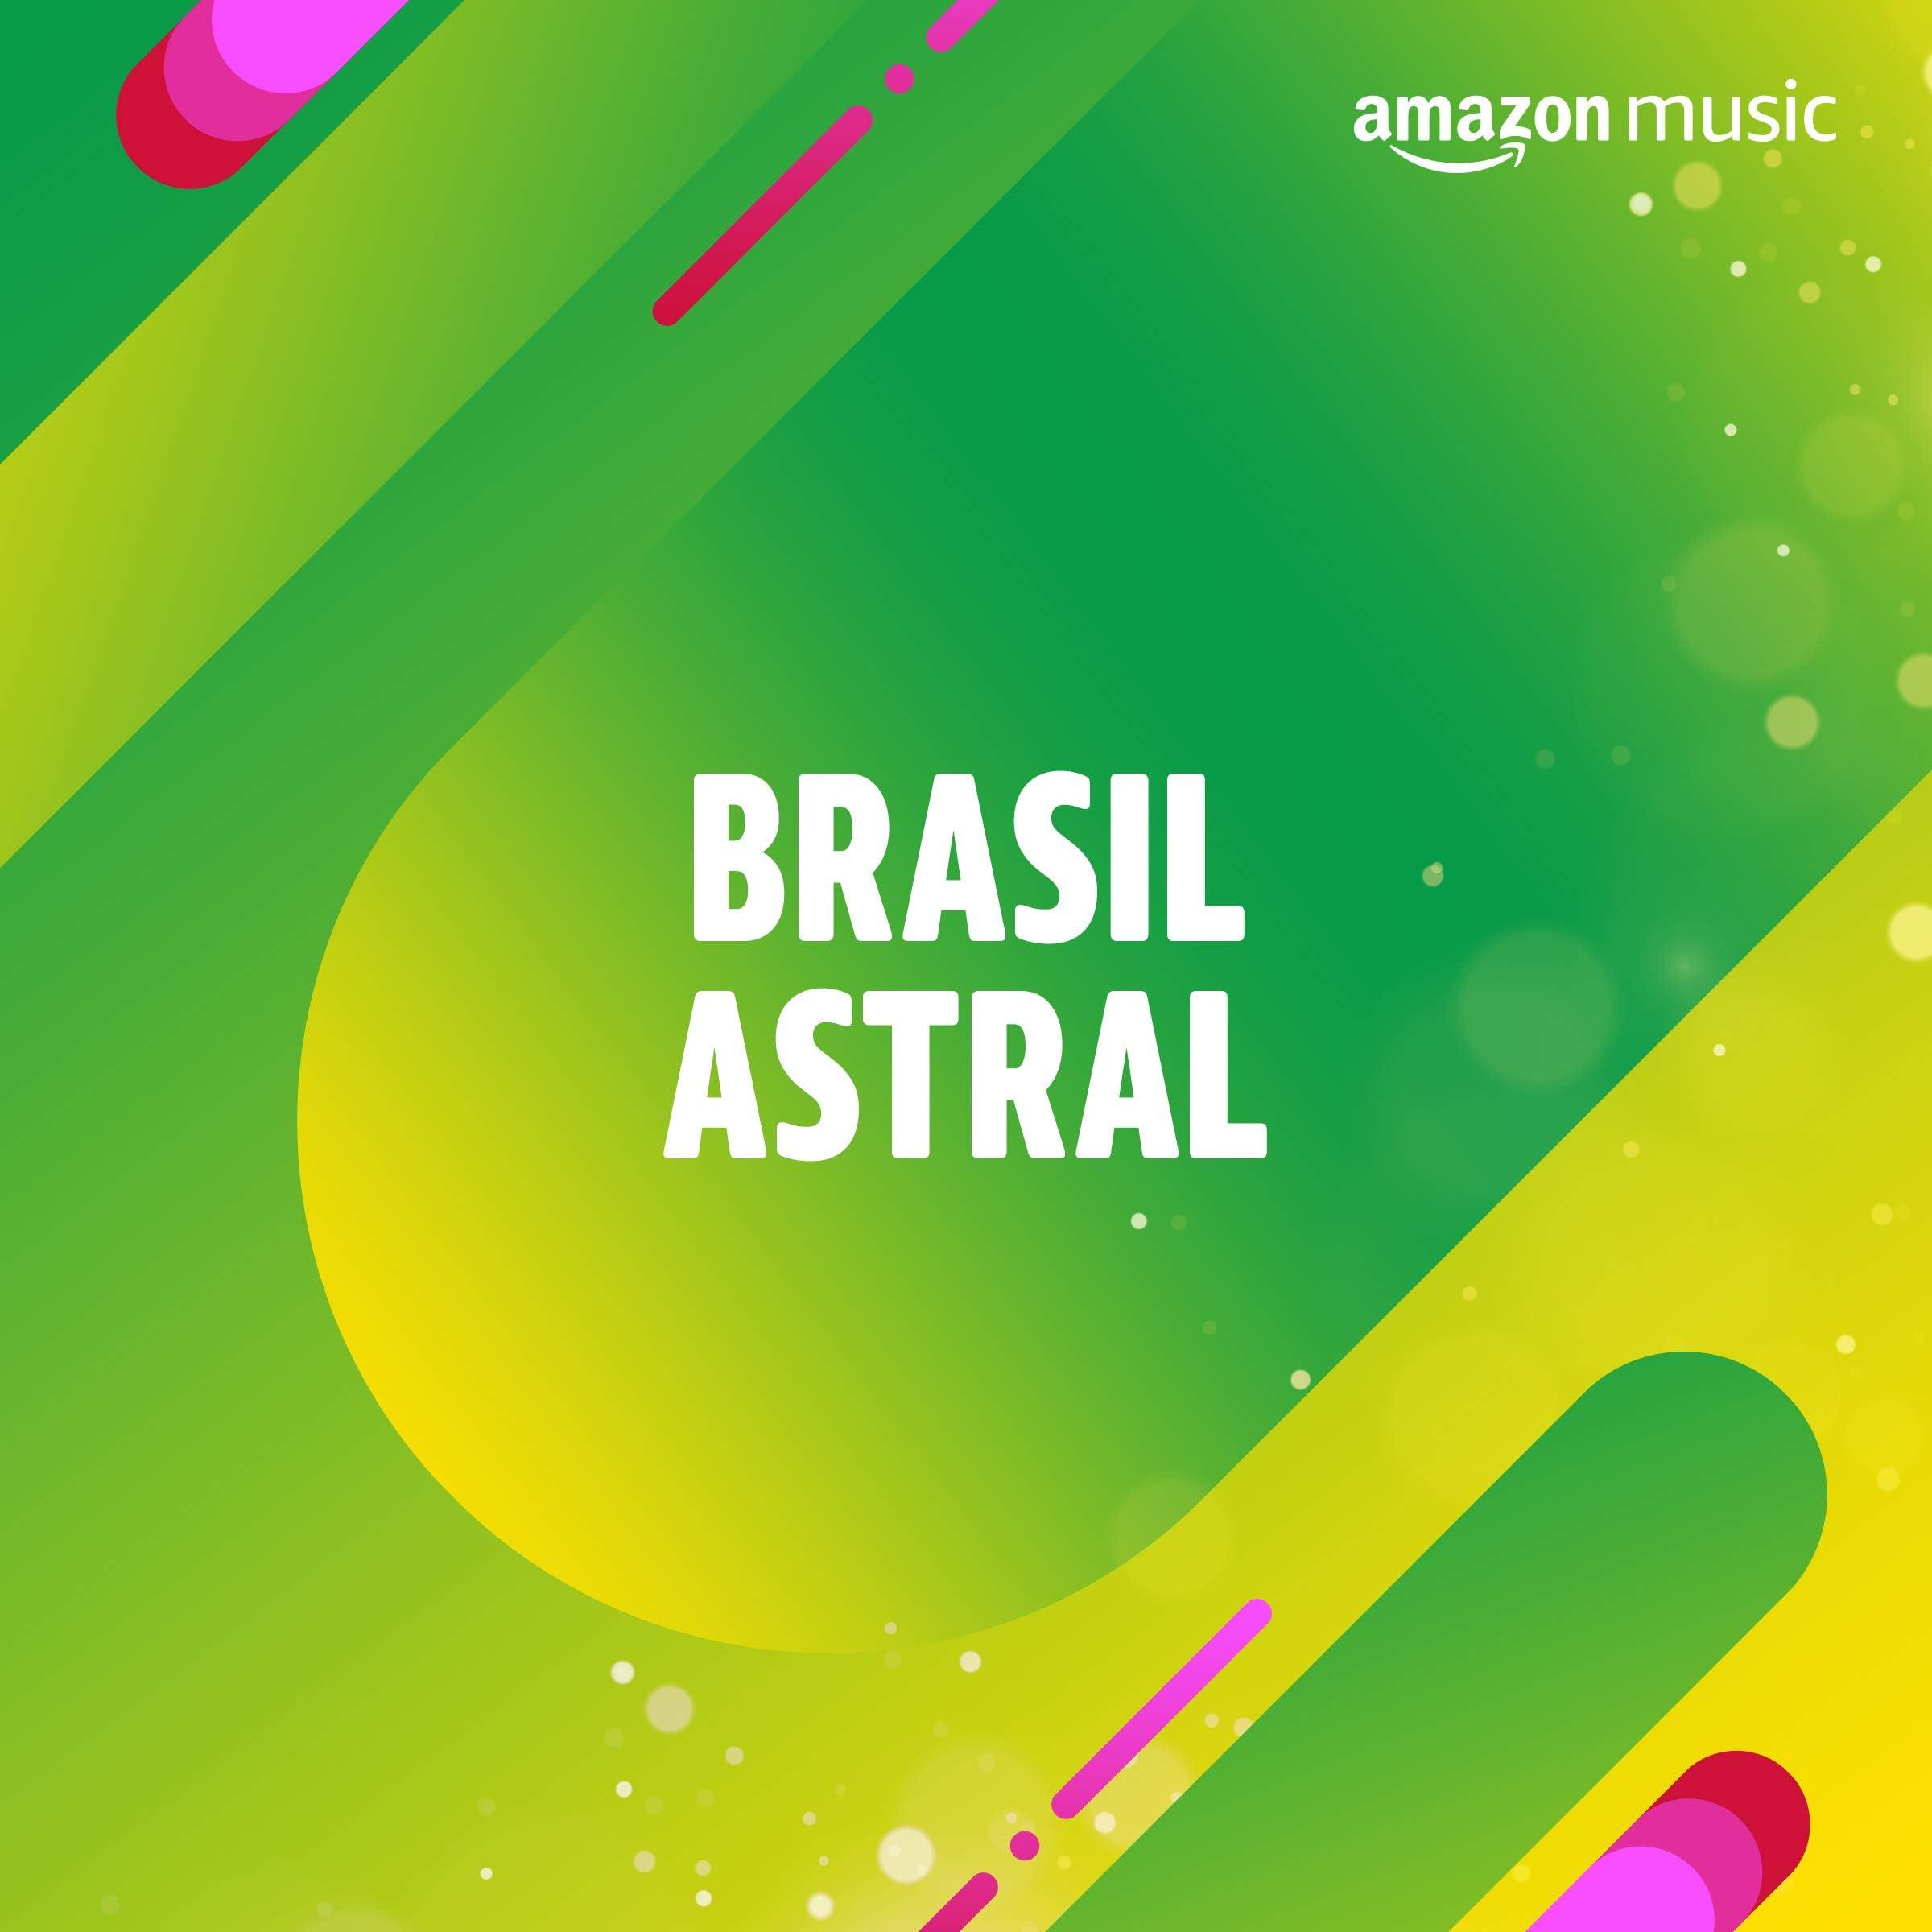 Brasil Astral